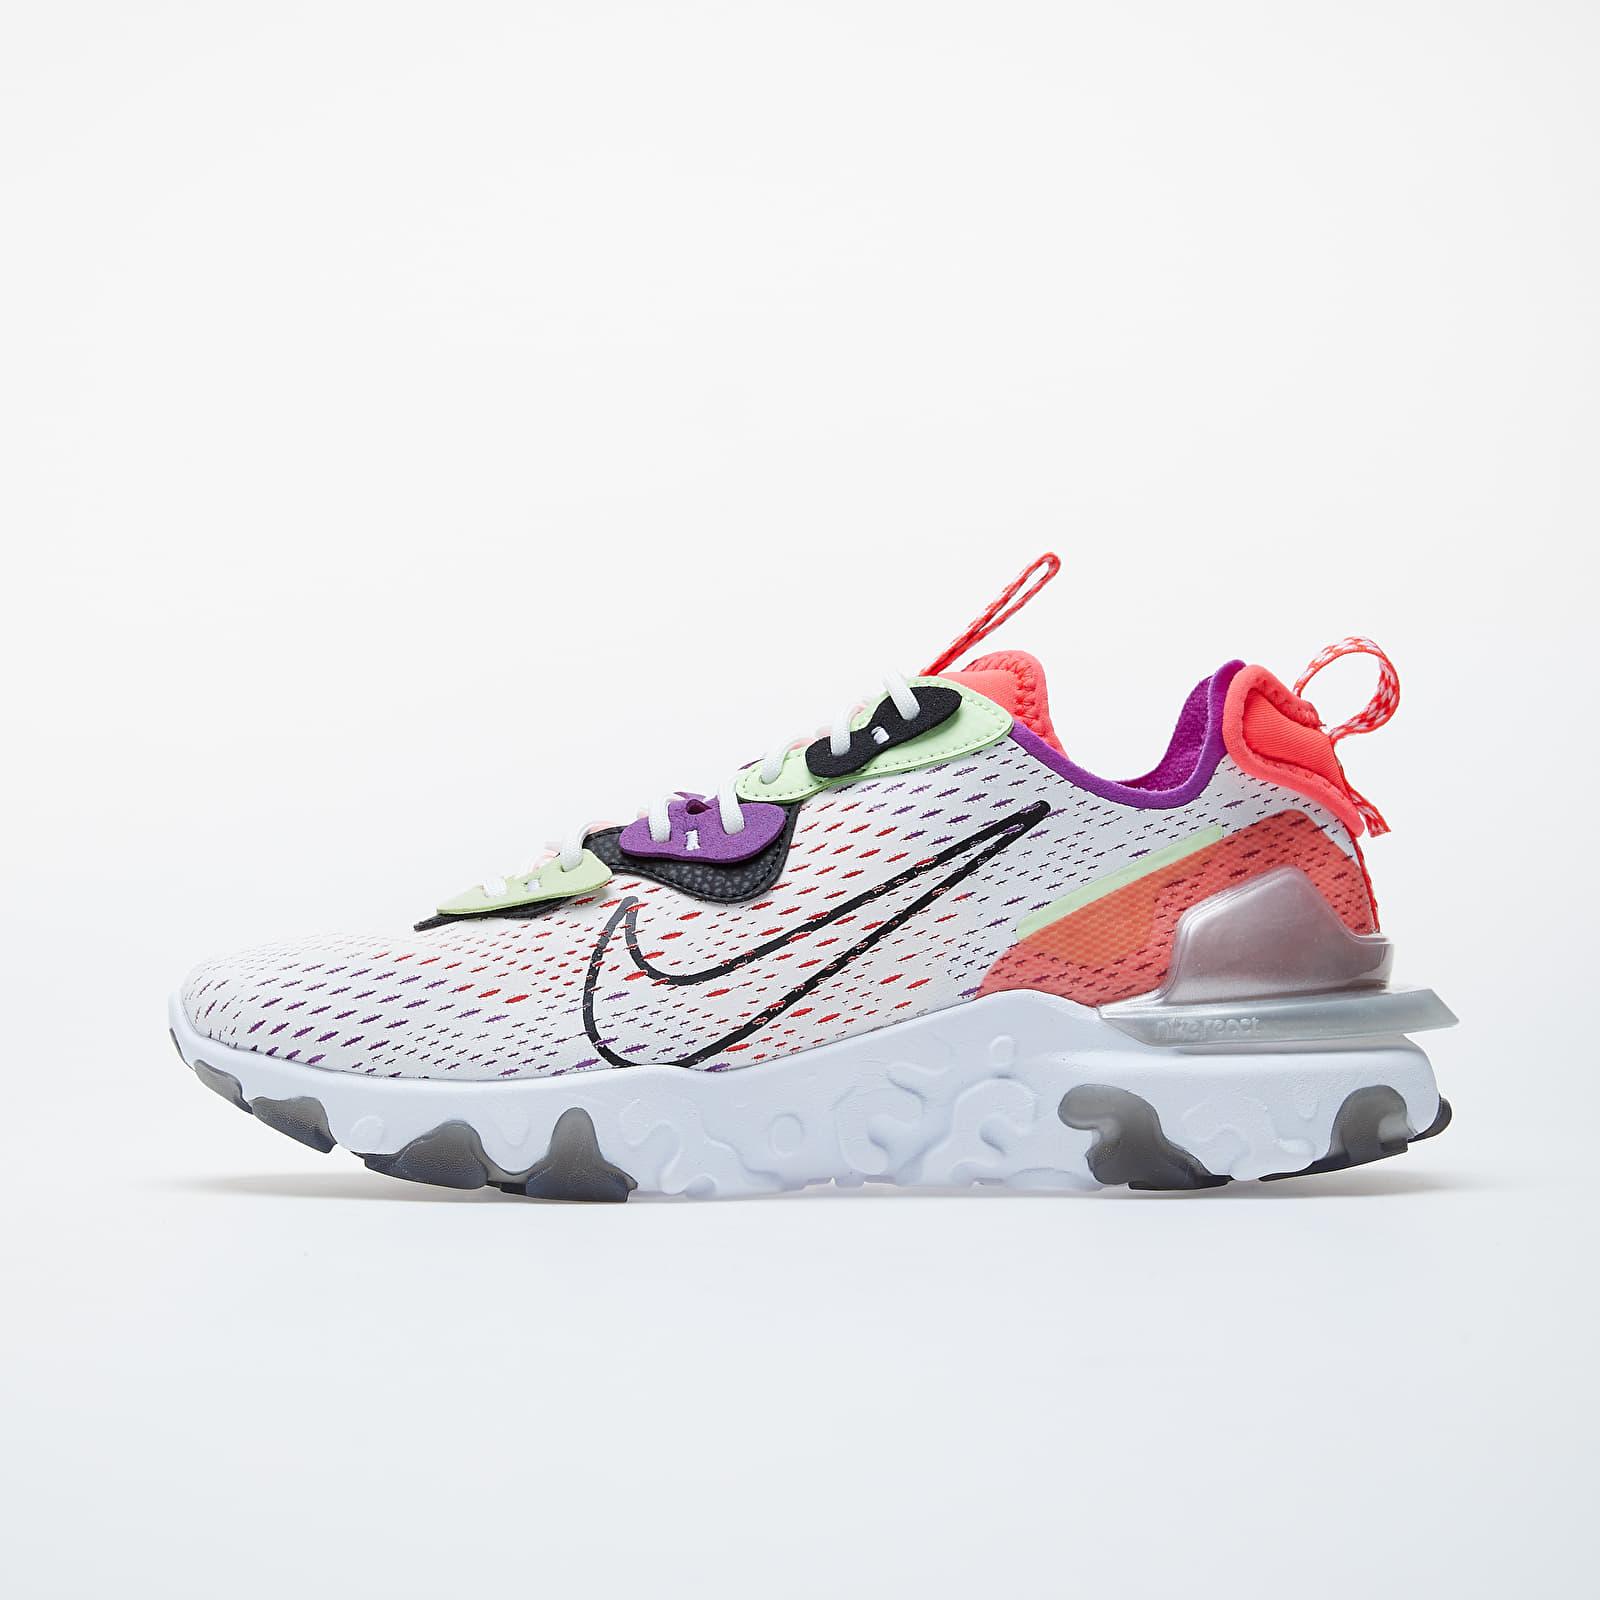 Pánské tenisky a boty Nike React Vision Summit White/ Black-Barely Volt